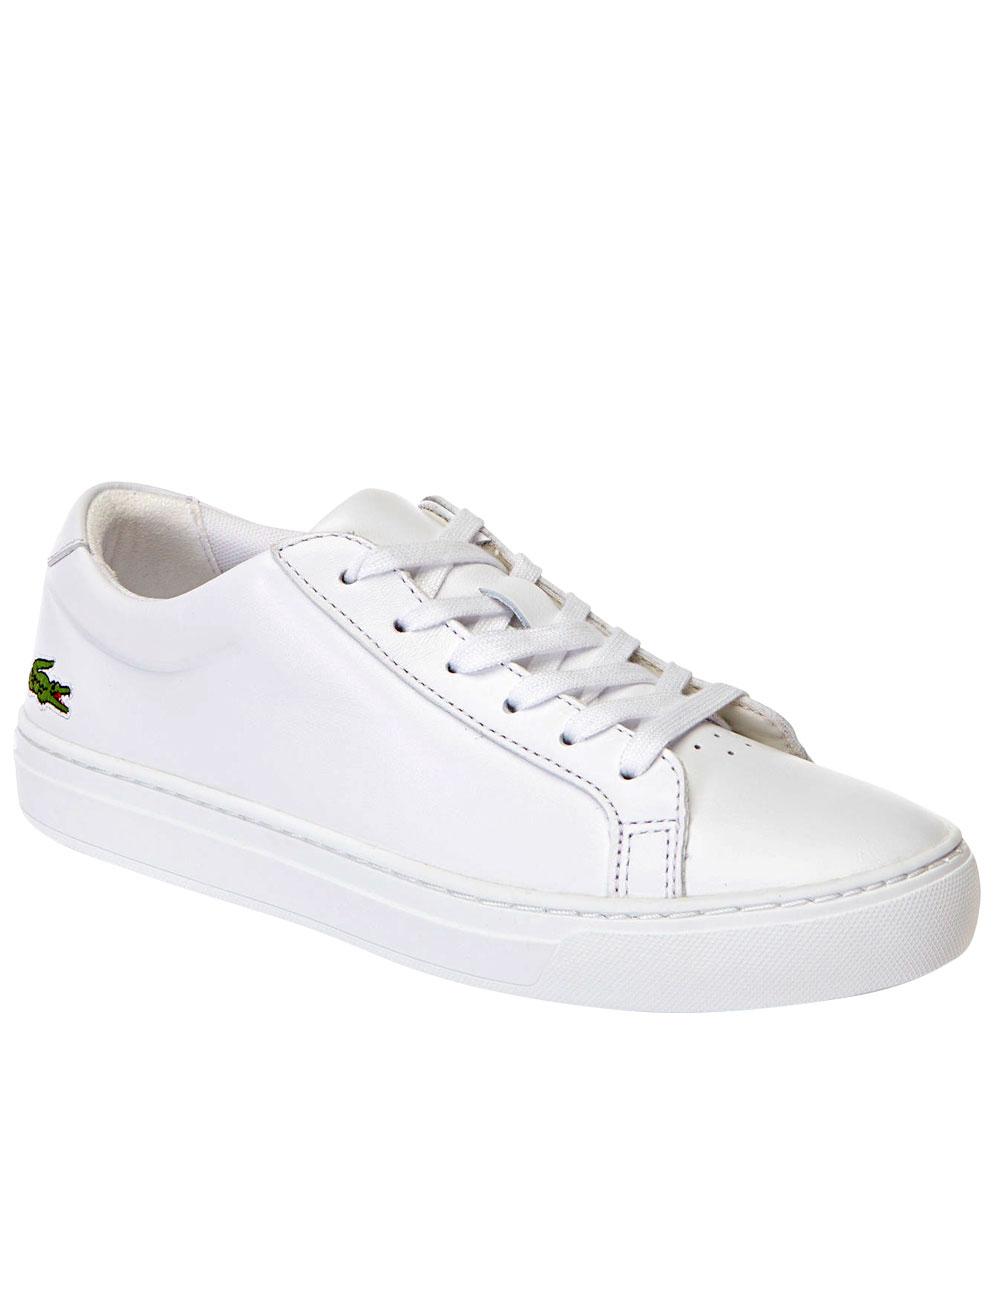 the best attitude f176f 89674 Damen Sneakers Lacoste in Weiss